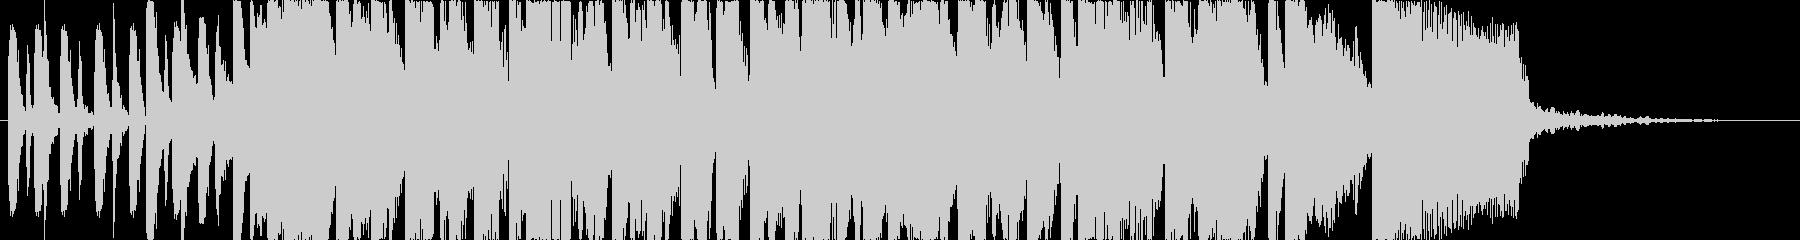 アニメ系アイキャッチ、キラキラ楽しいの未再生の波形